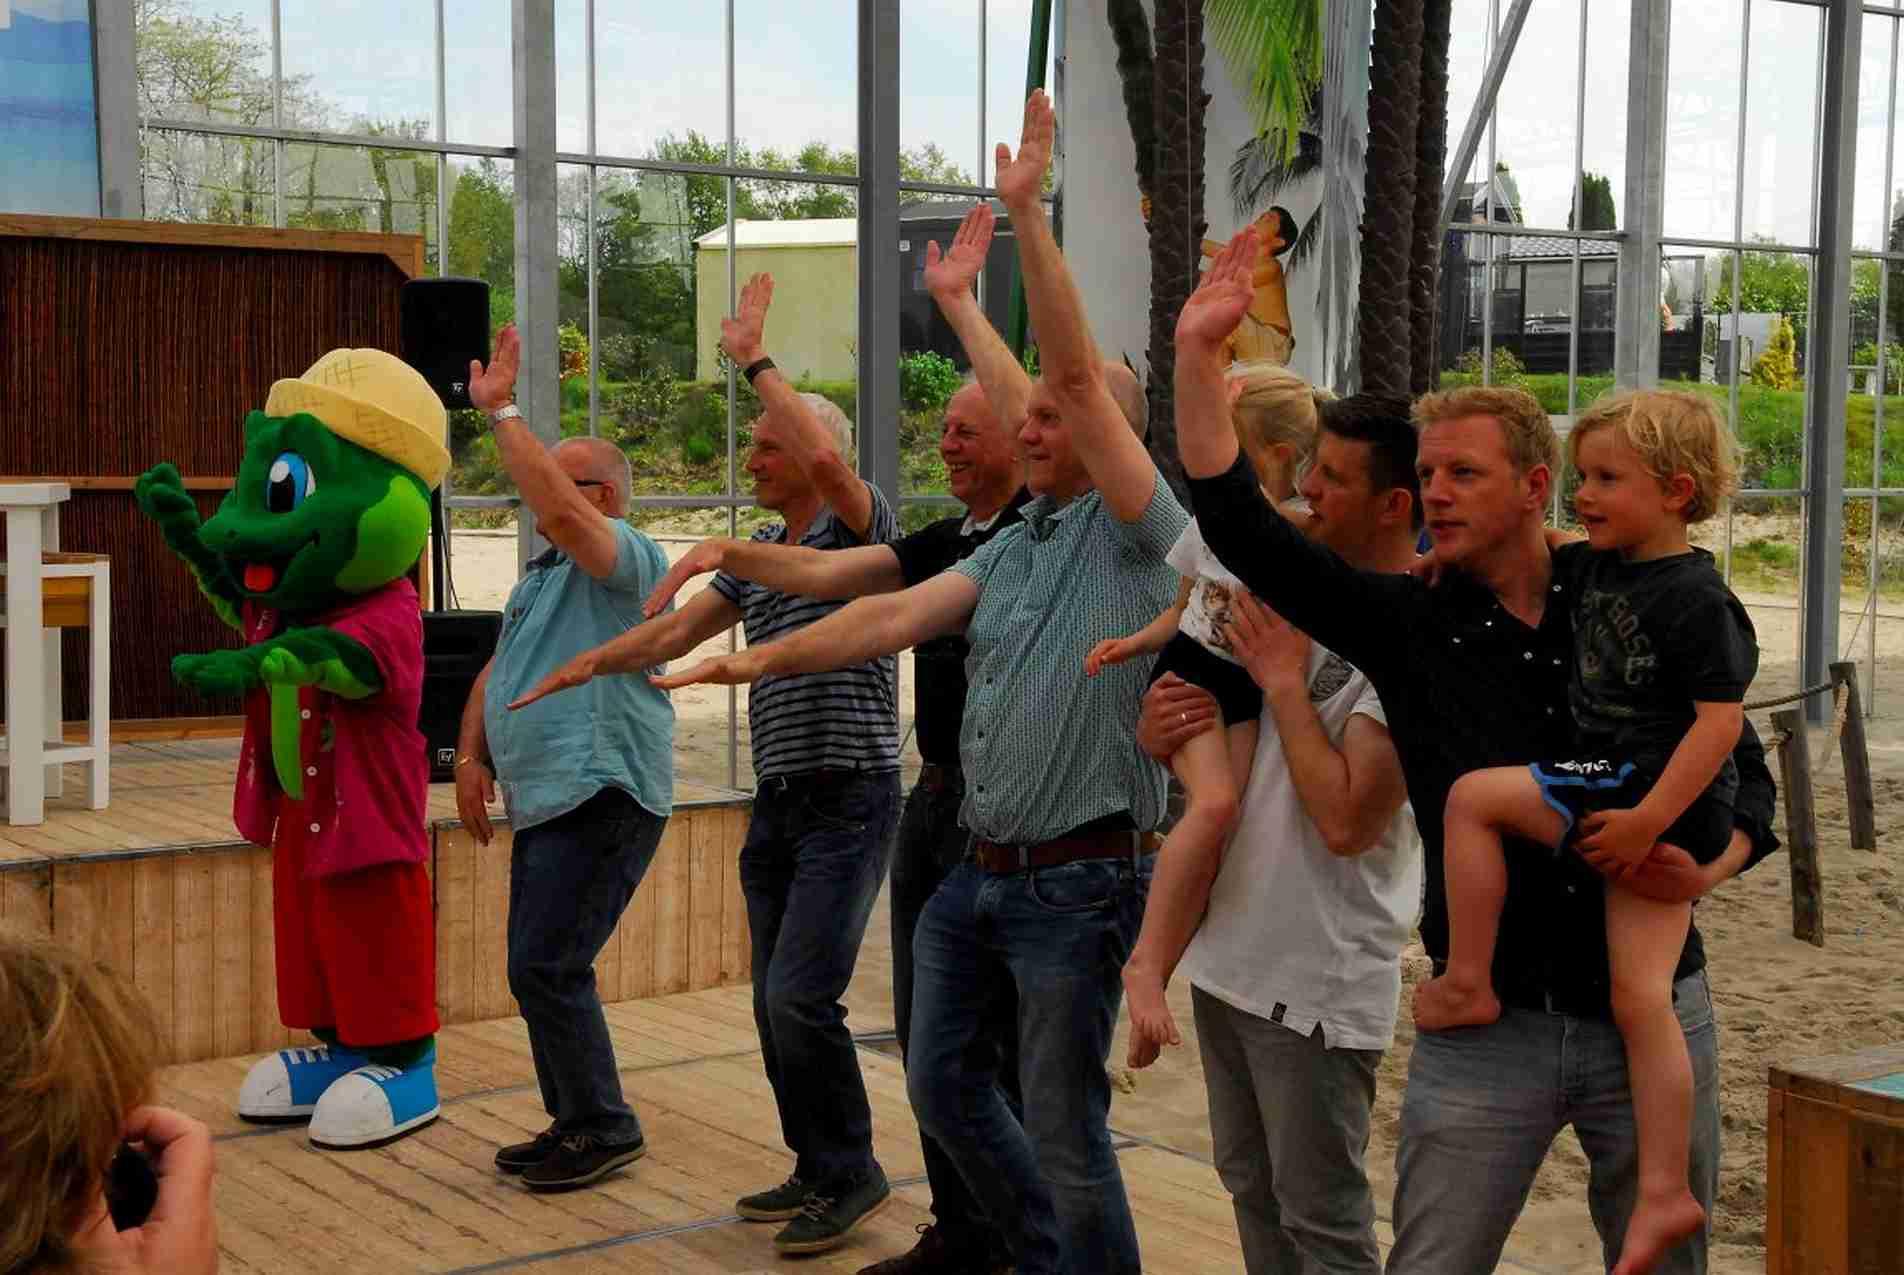 Familiedag organiseren in Overijssel - Familiedag organiseren in Overijssel